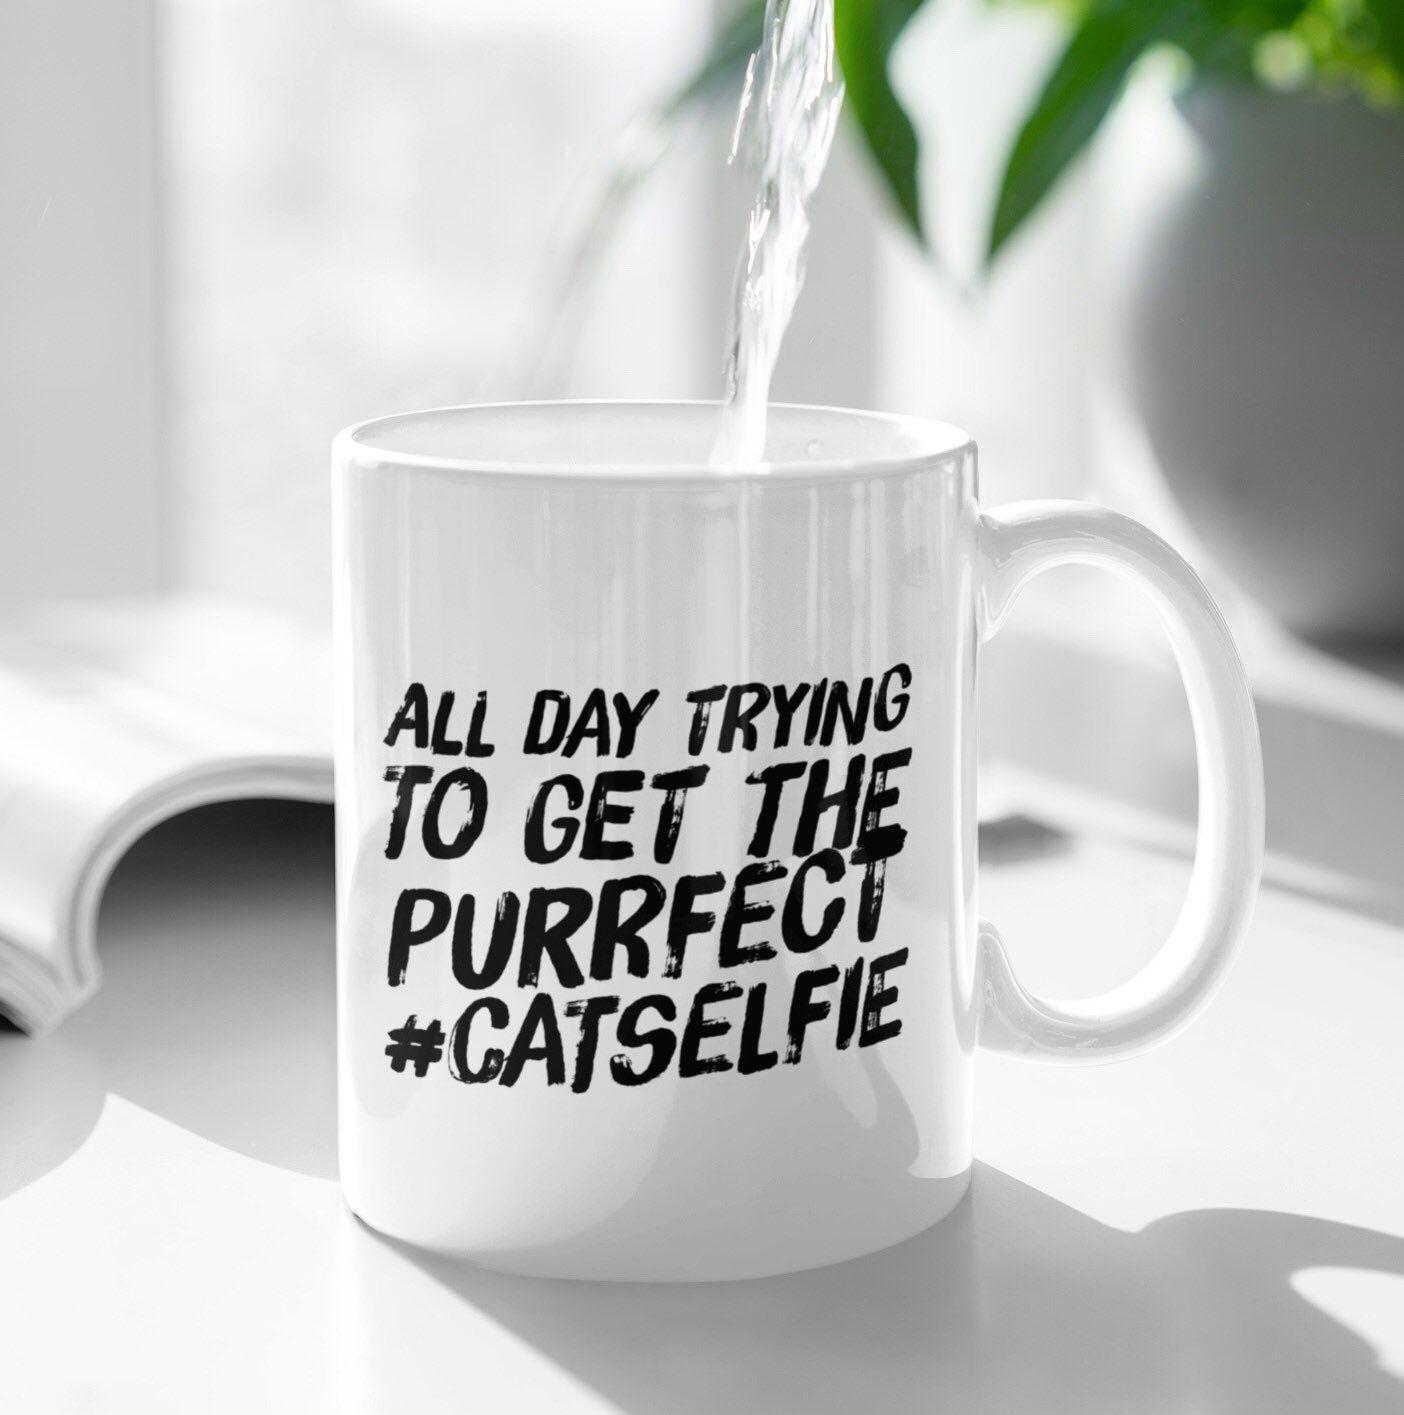 Cat Mug Funny Selfie